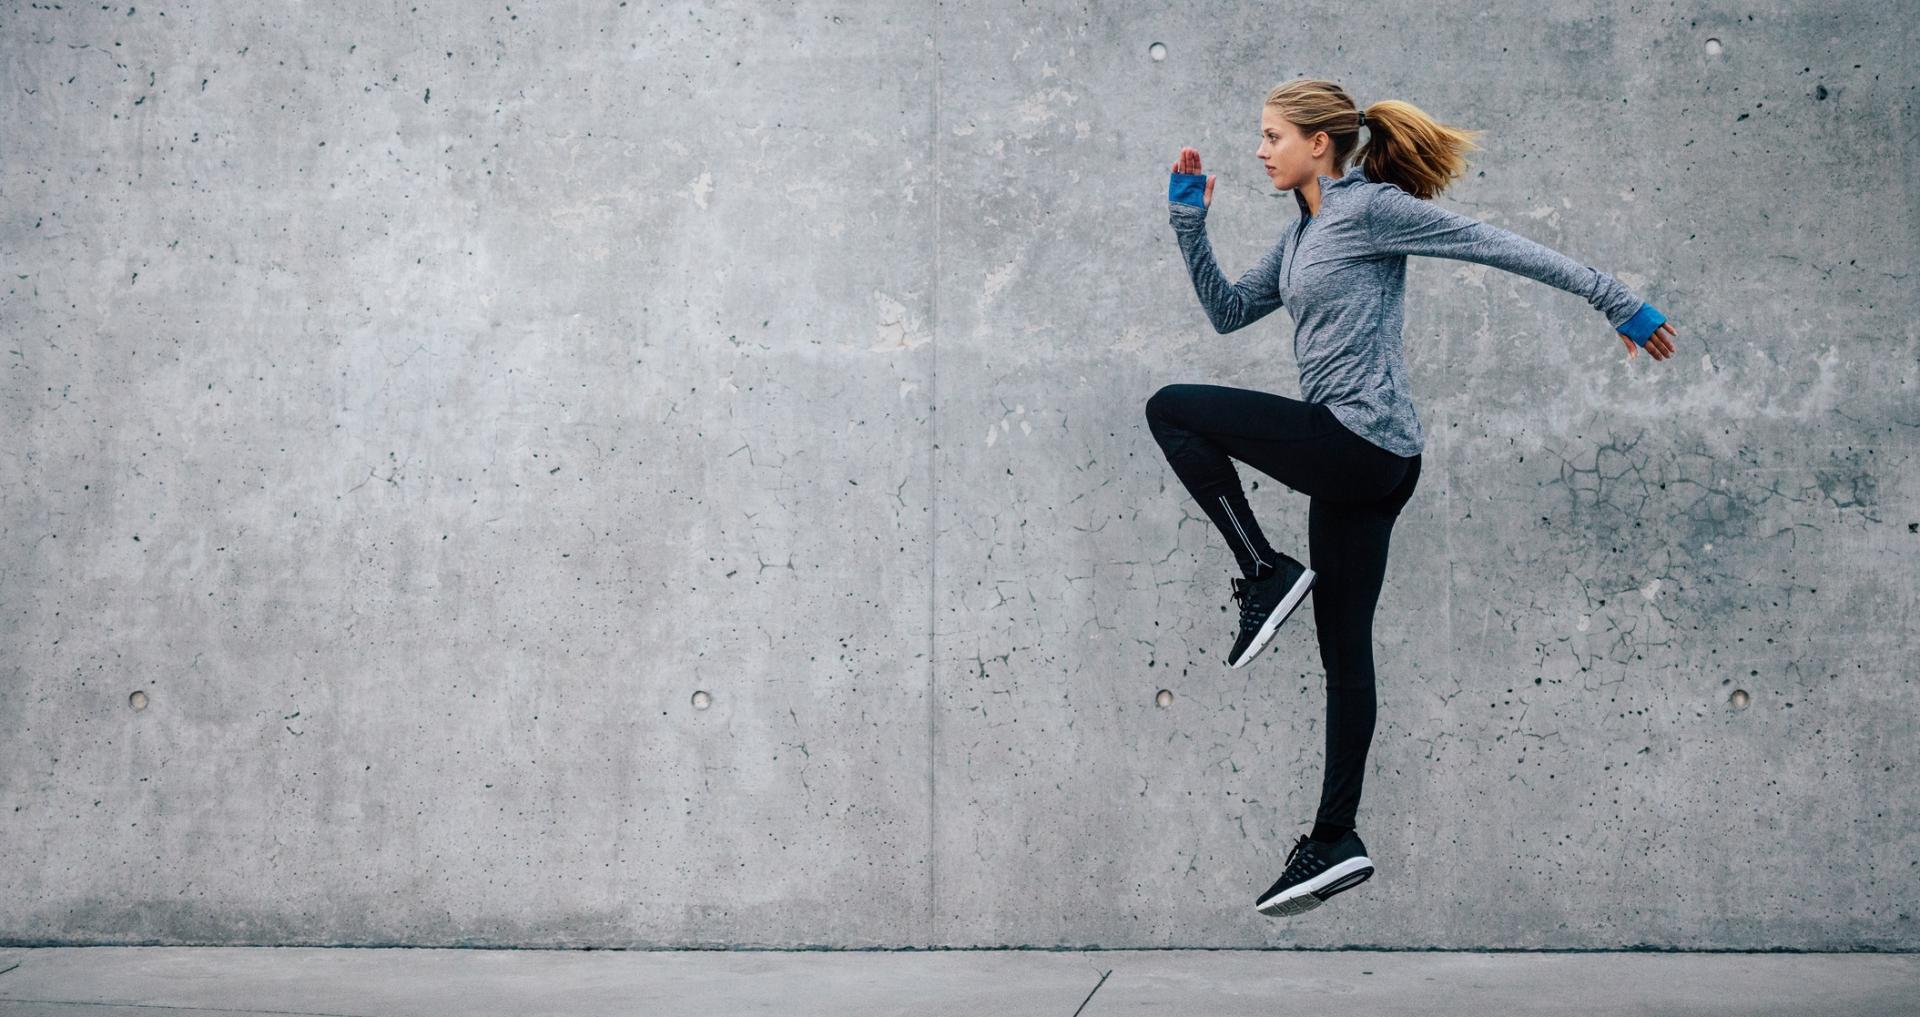 Chica saltando con ropa deportiva